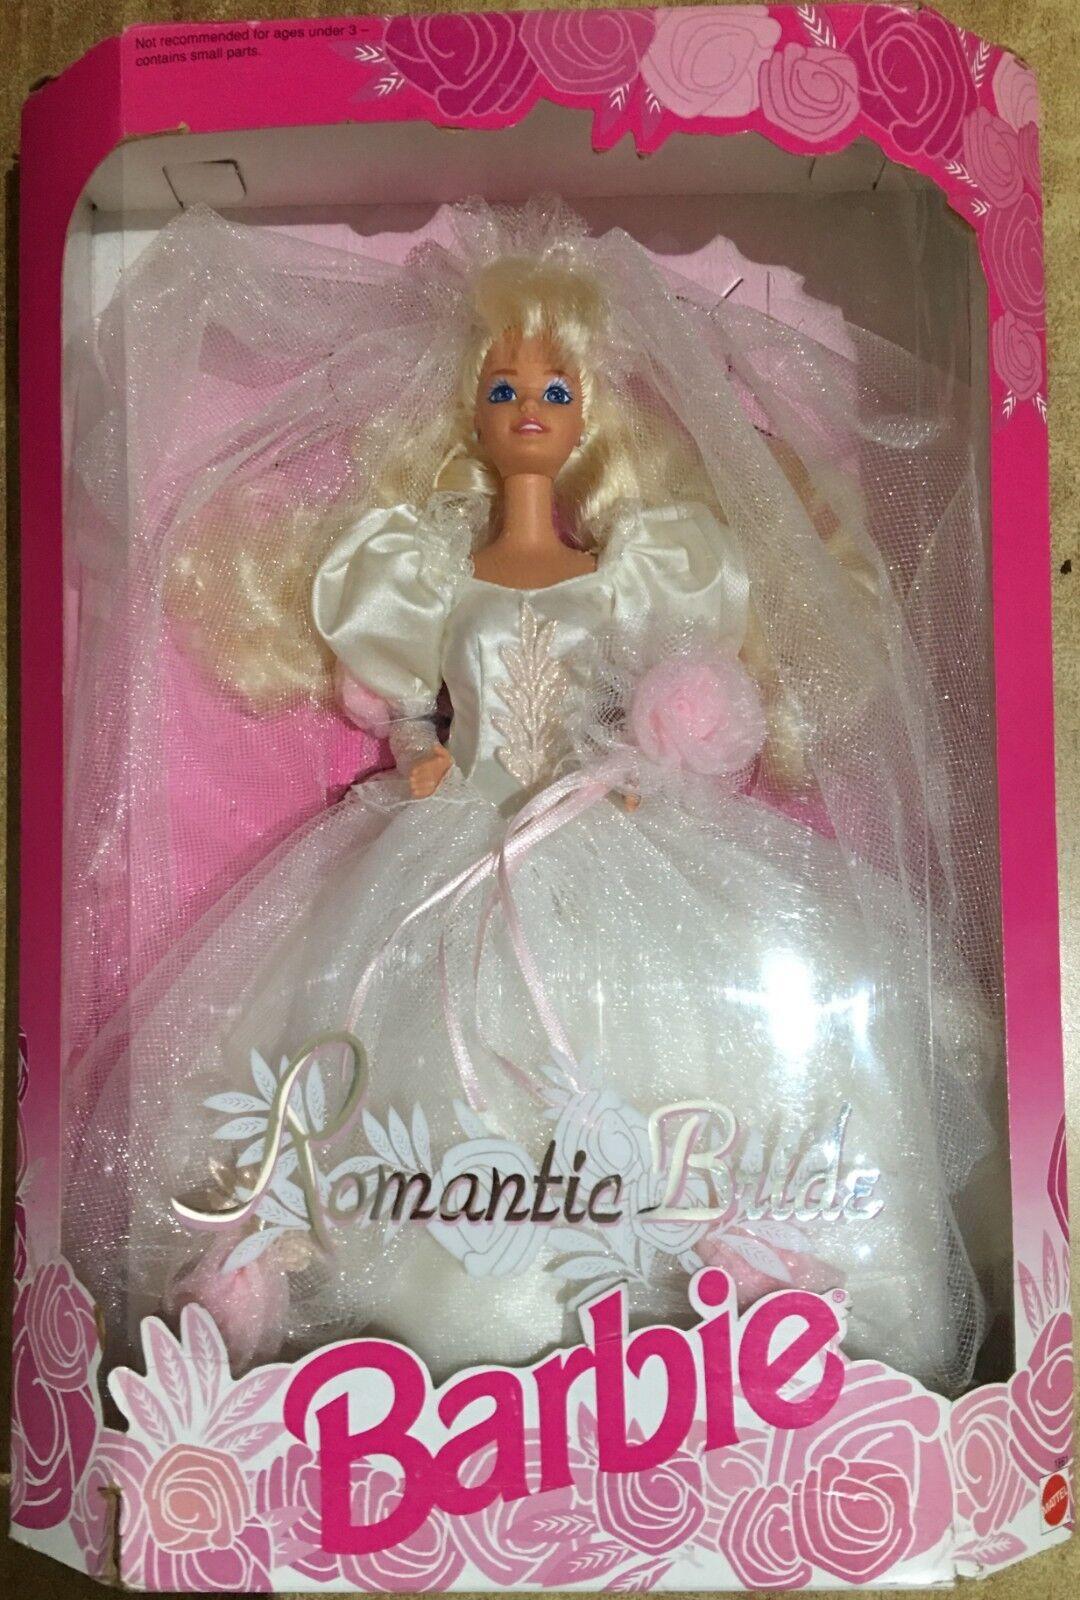 Barbie Mattel Romantic Bride Vintage 92'